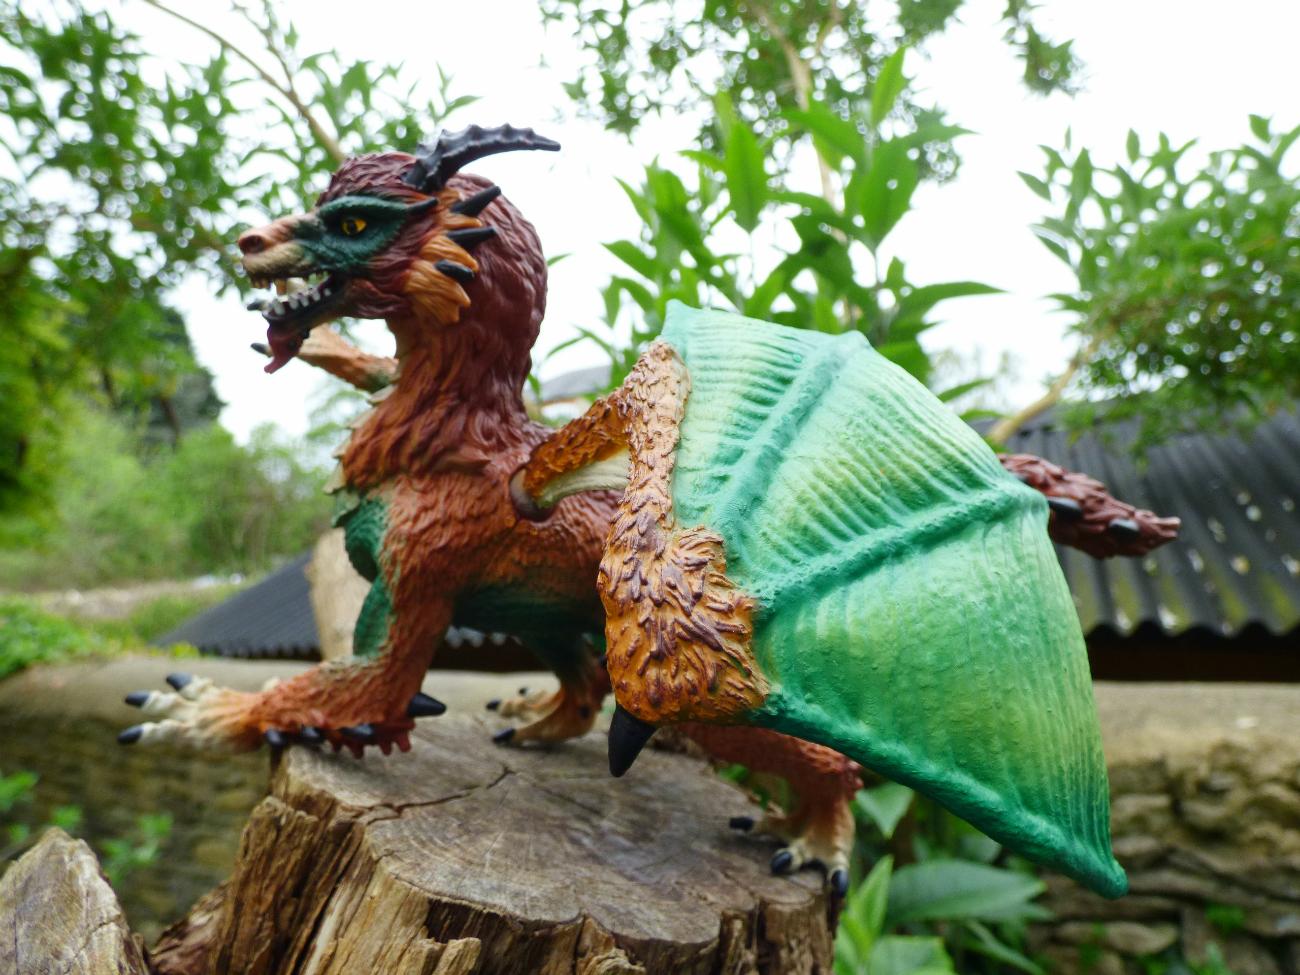 Eldrador Dragon 6 1 300 975 Pixels